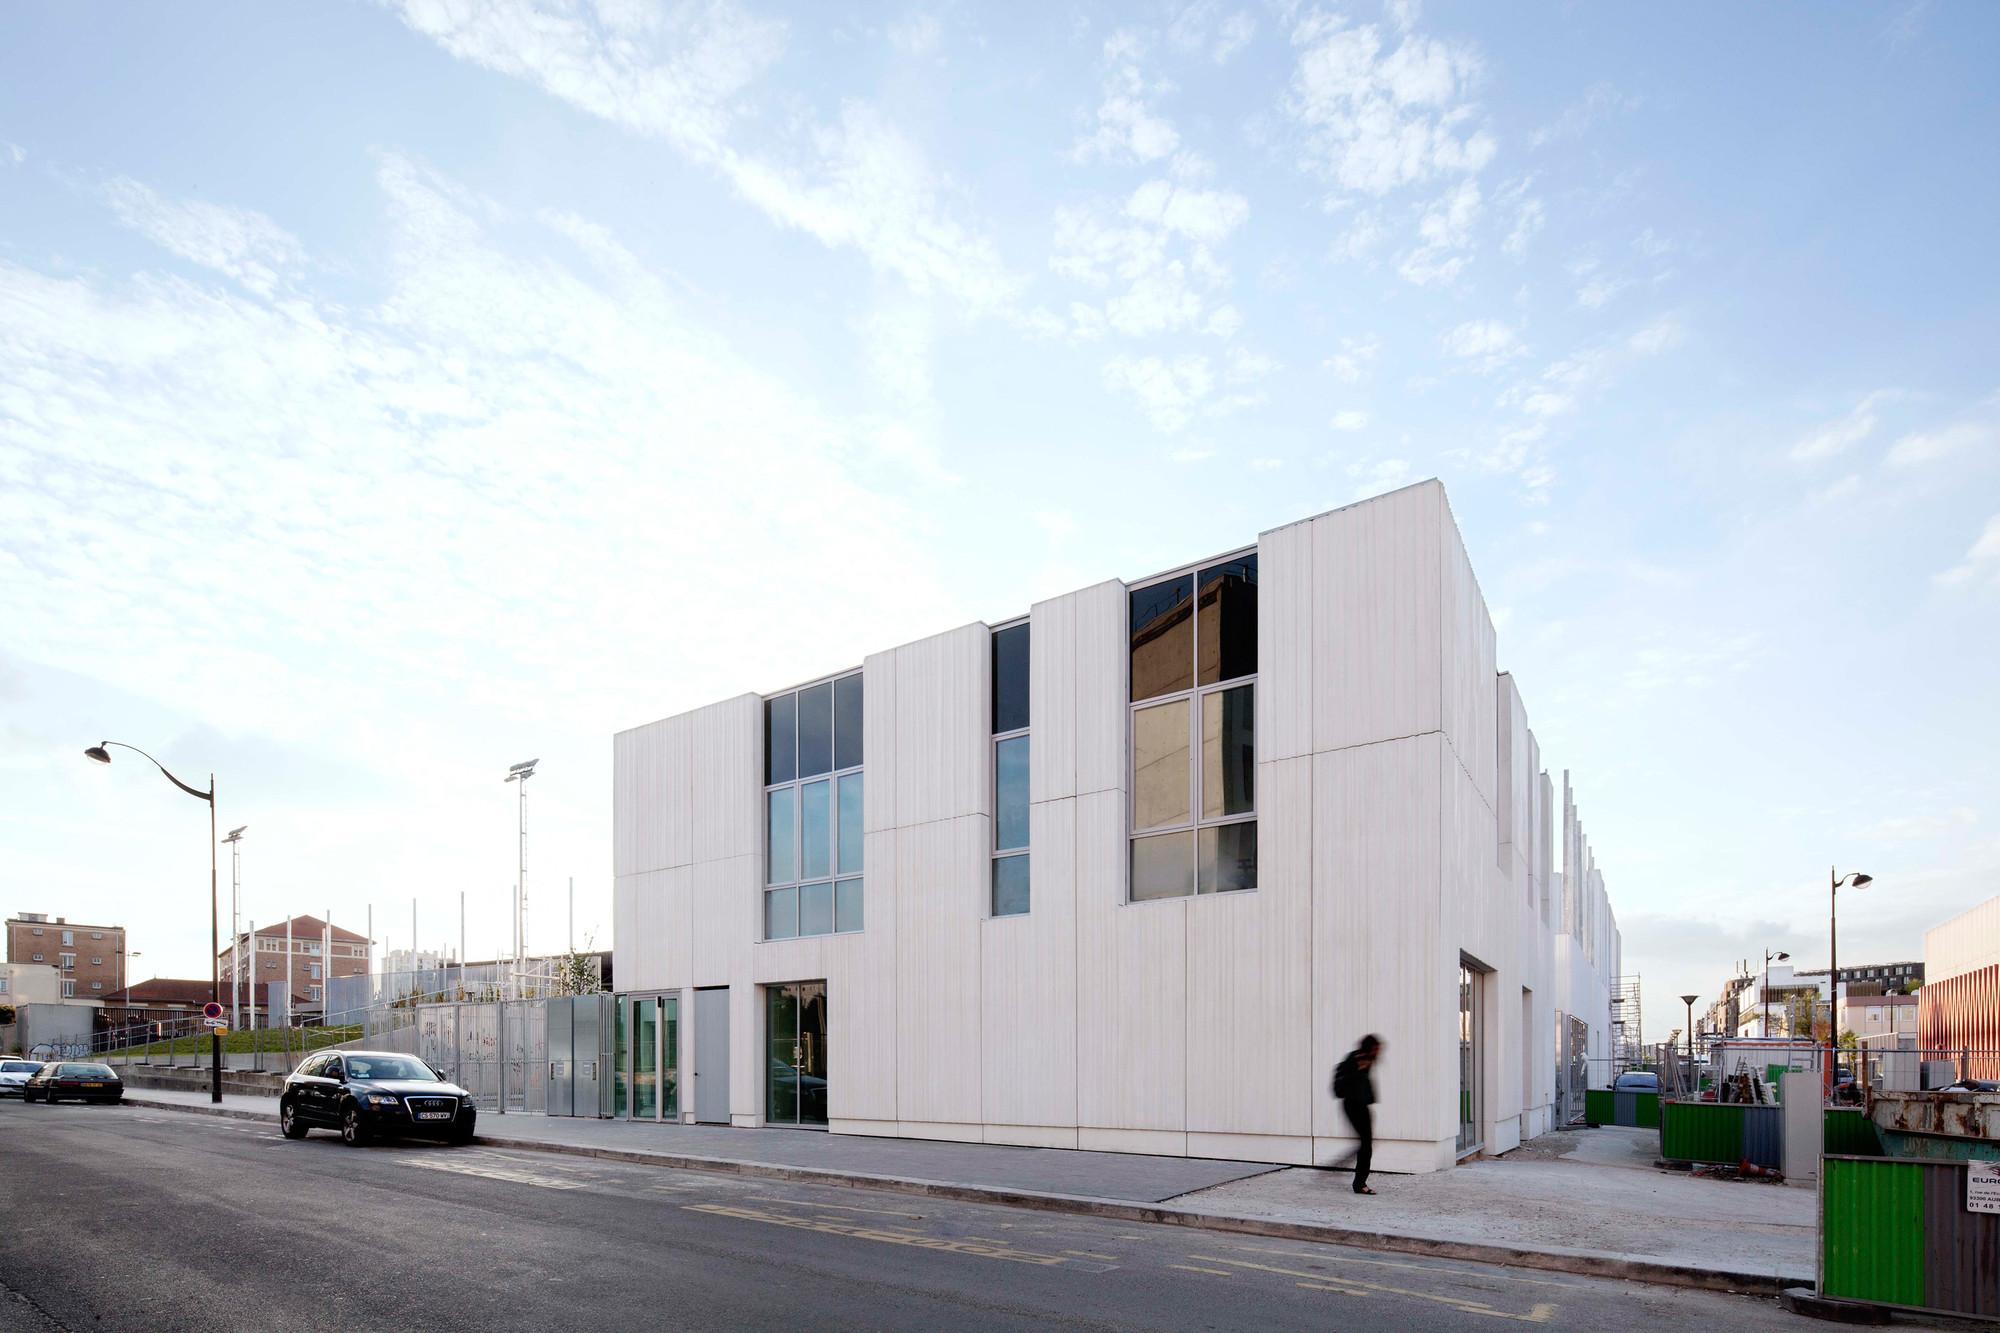 ZAC del Lilas Multi-Purpose Building / SCAPE, © Francesco Mattuzzi